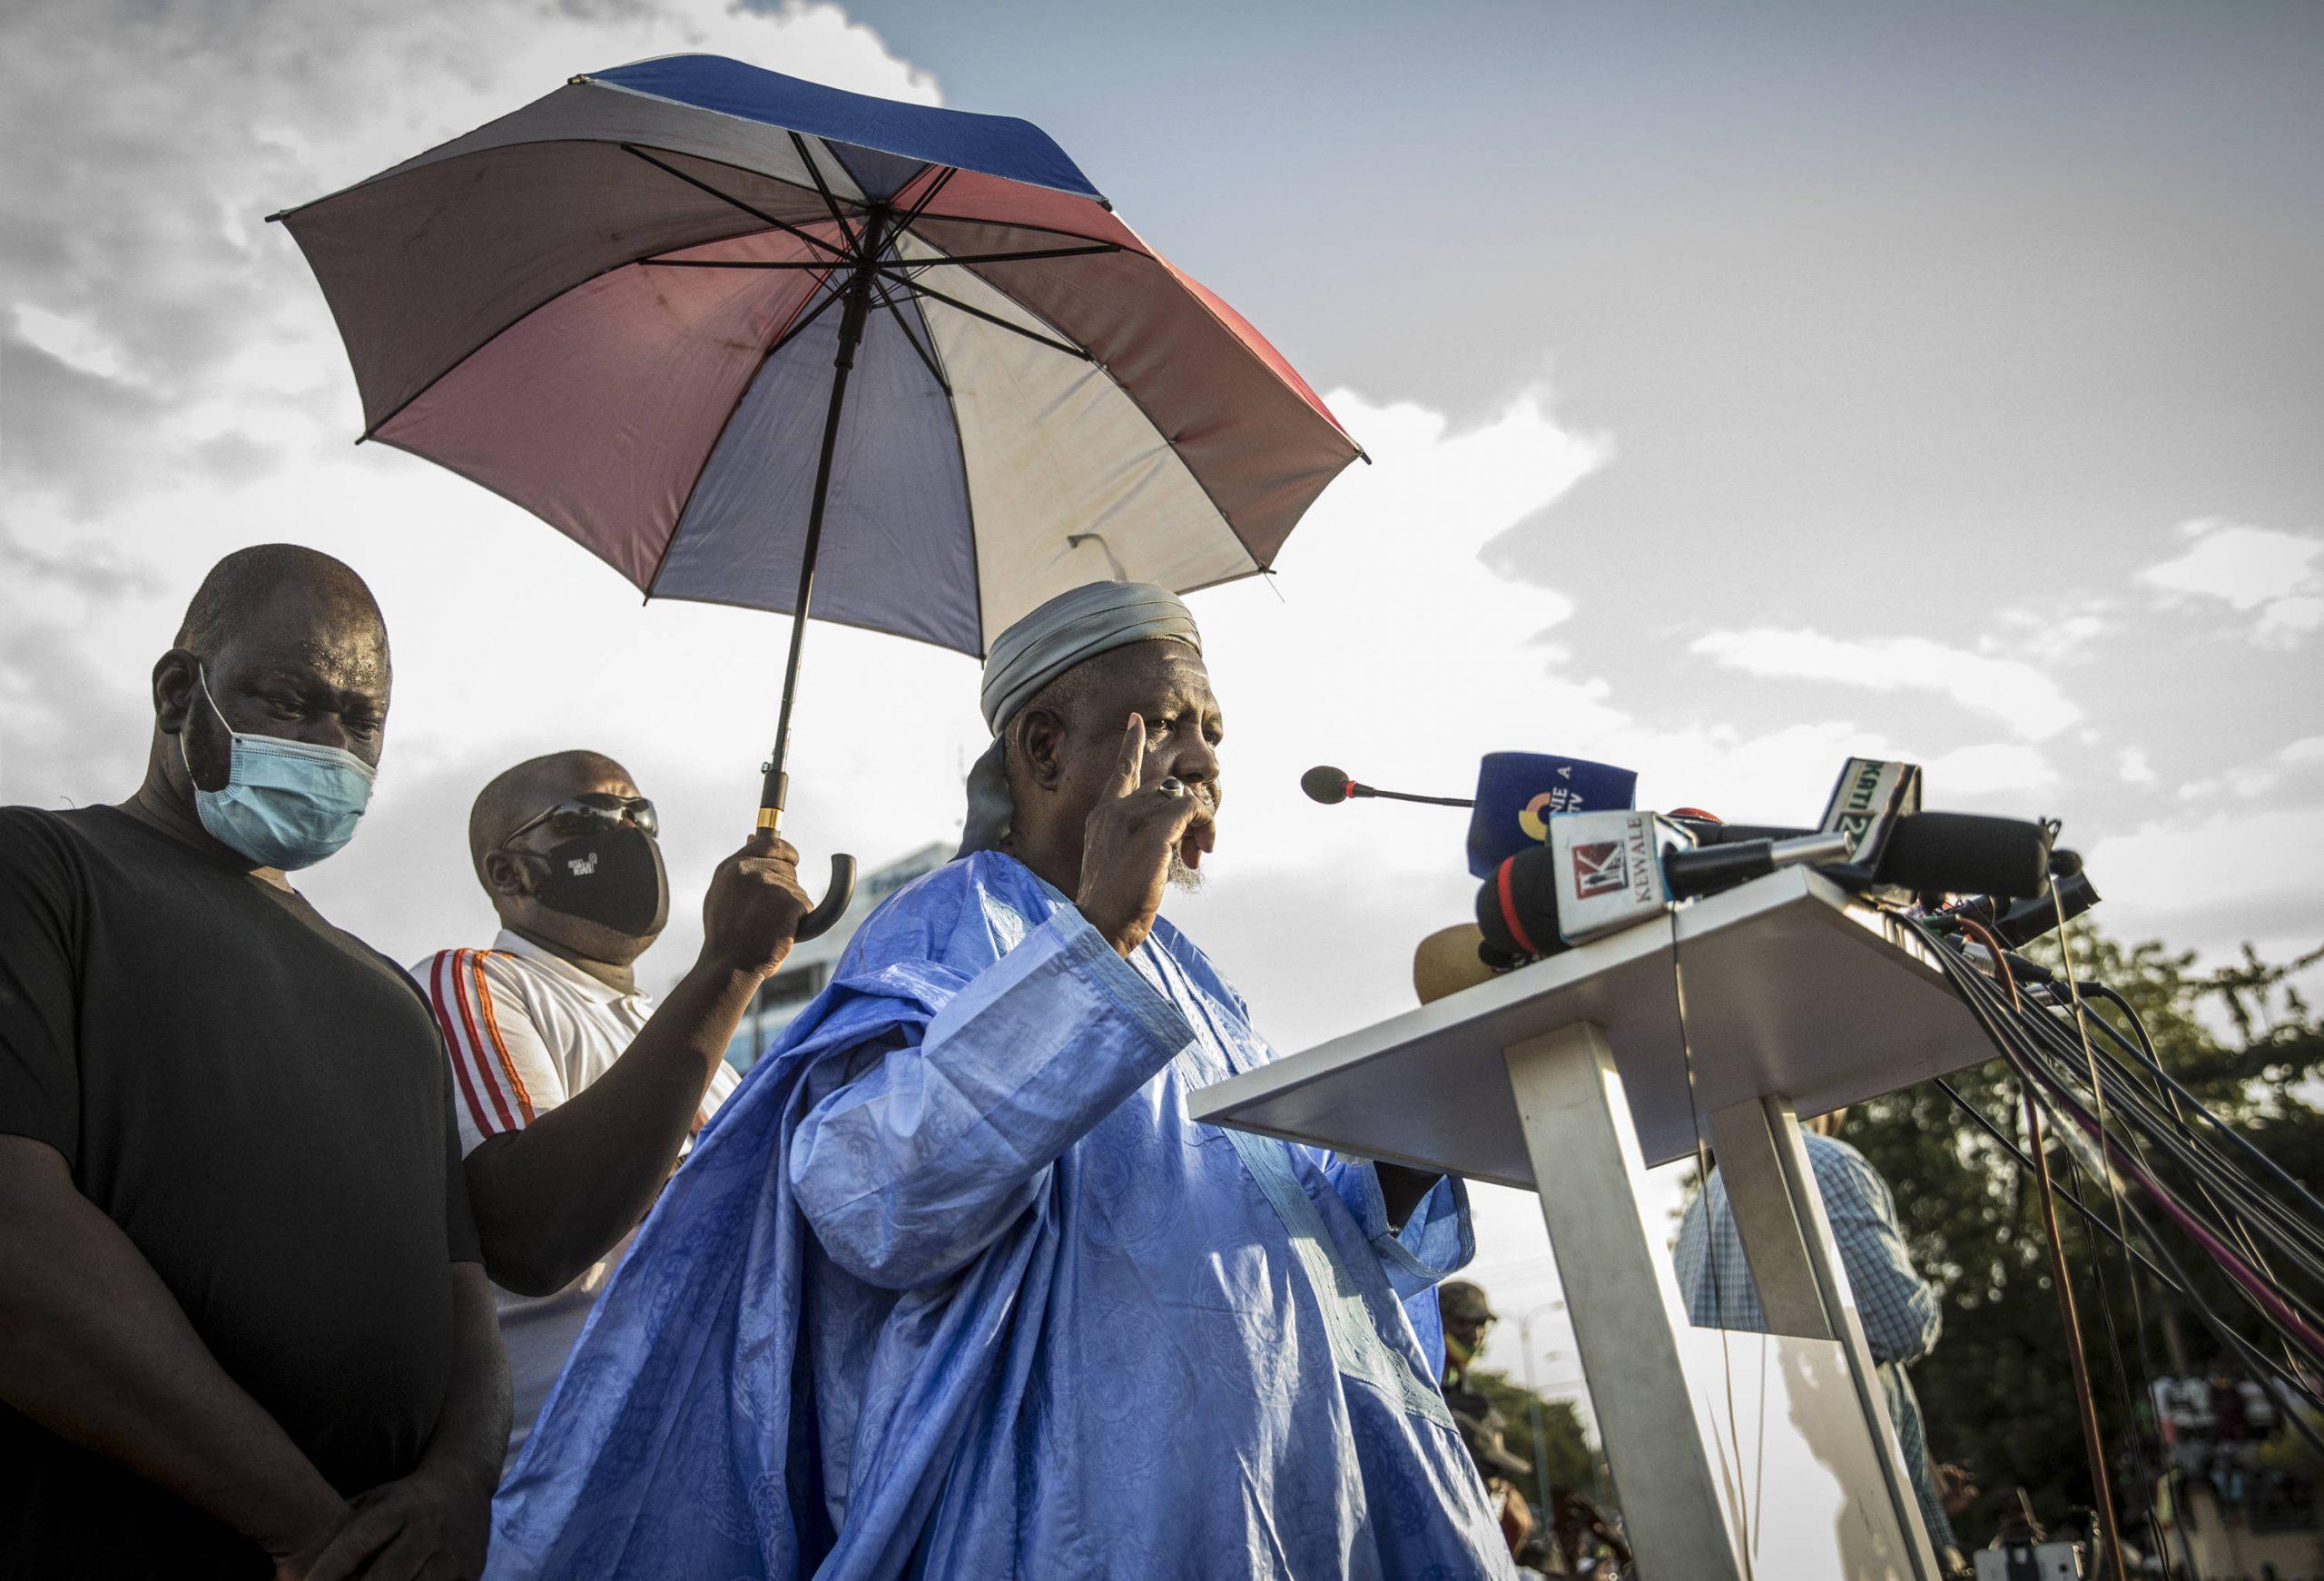 L'imam Dicko, sur la place de l'Indépendance à Bamako, le 21 août 2020.